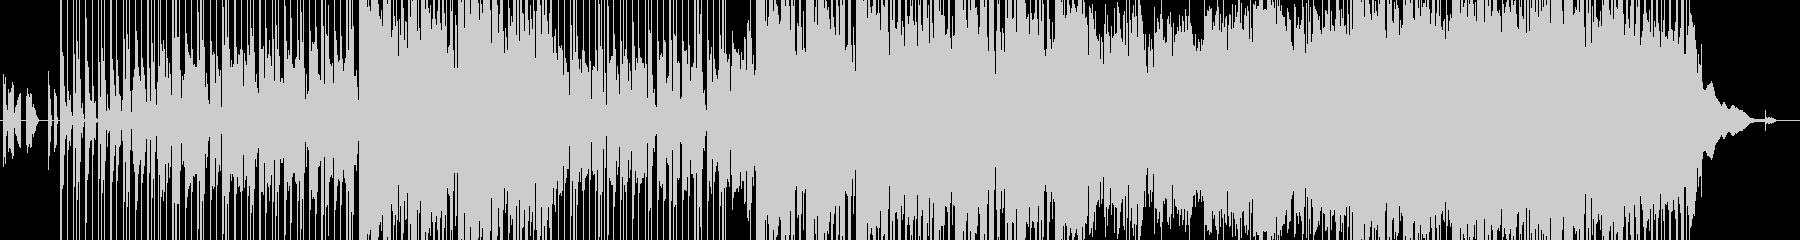 オルタナティブポップロック、男性ボ...の未再生の波形